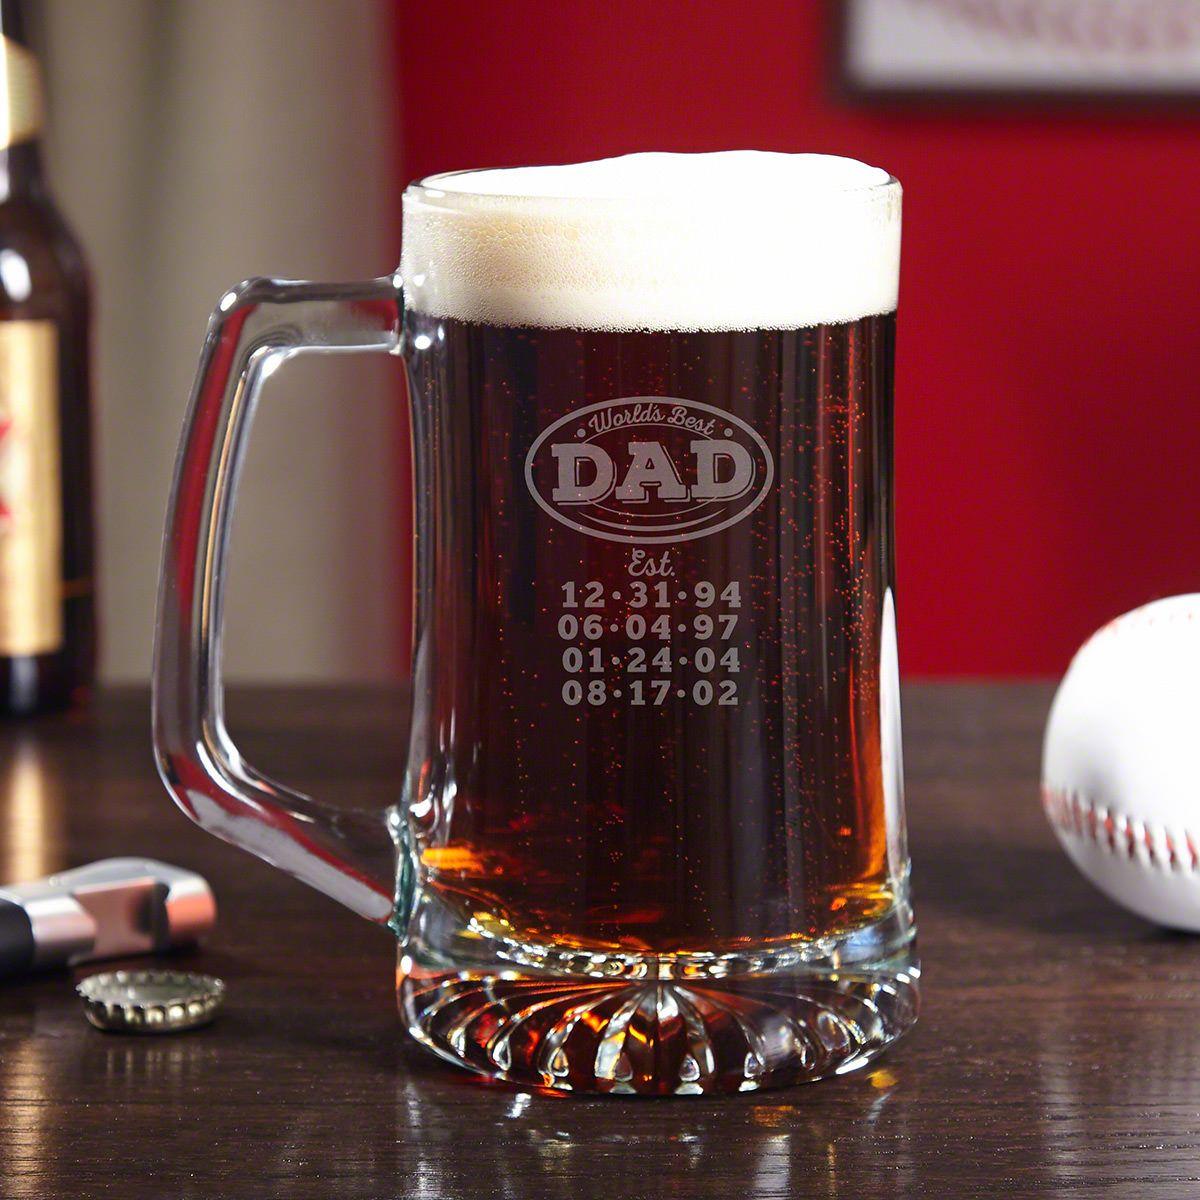 Worlds Best Dad Engraved Beer Mug